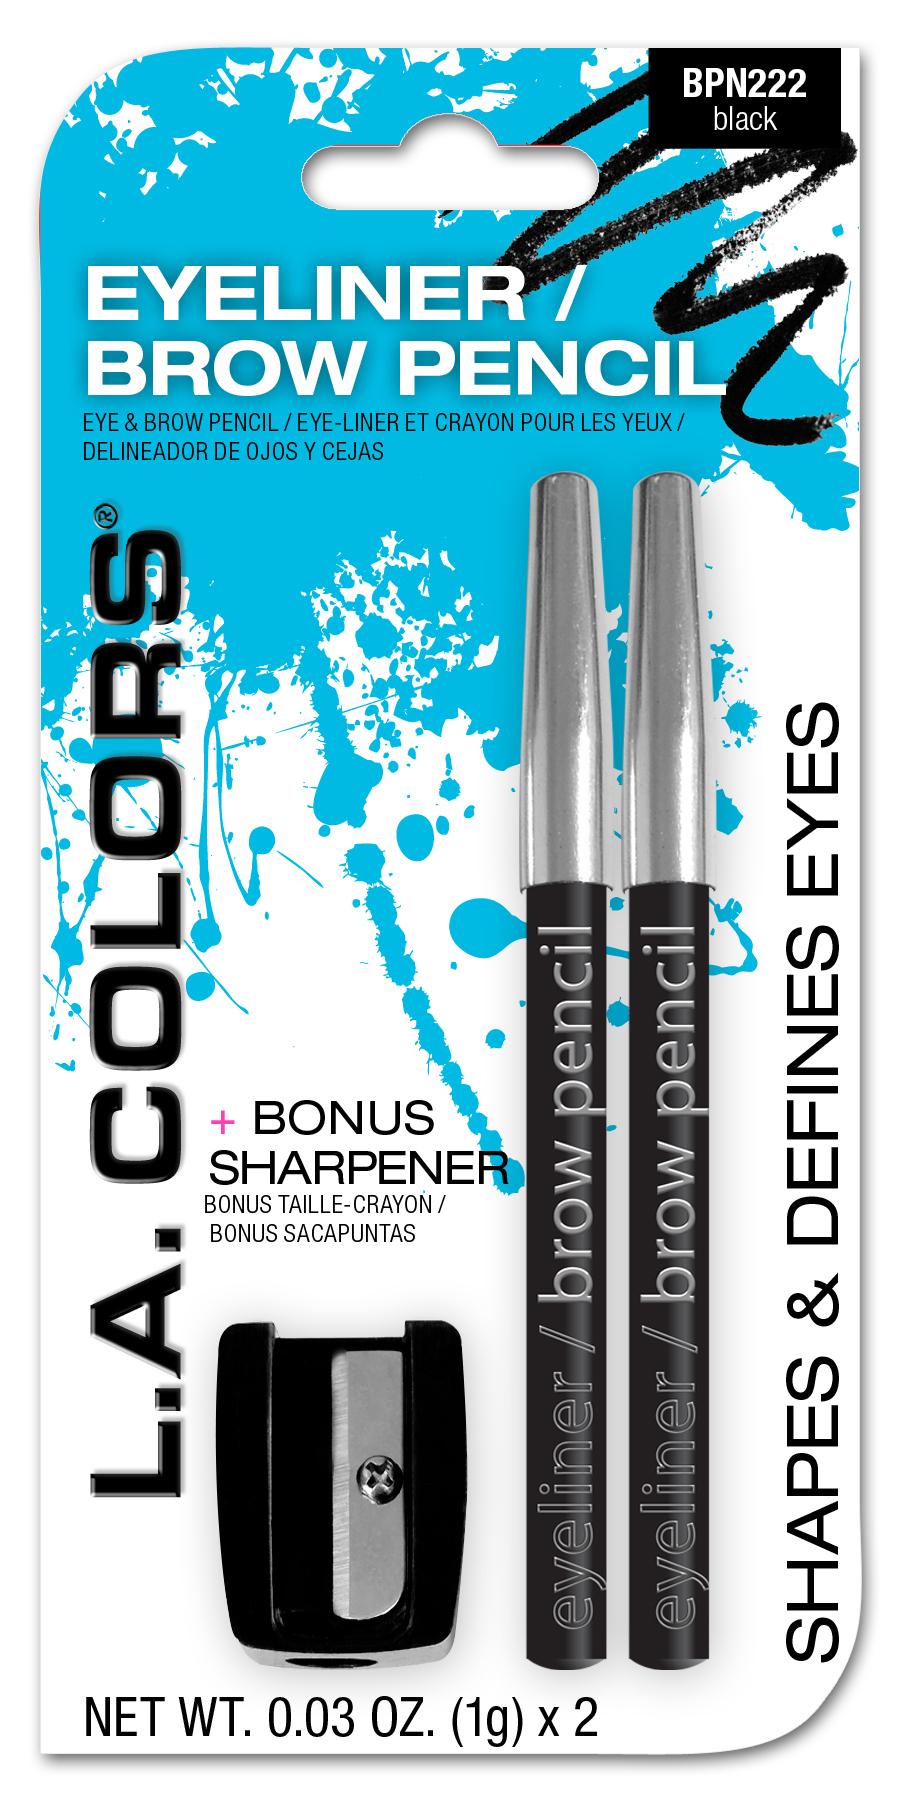 L. A. Colors - LA Colors Eyeliner, Brow Pencil & Sharpener, Black